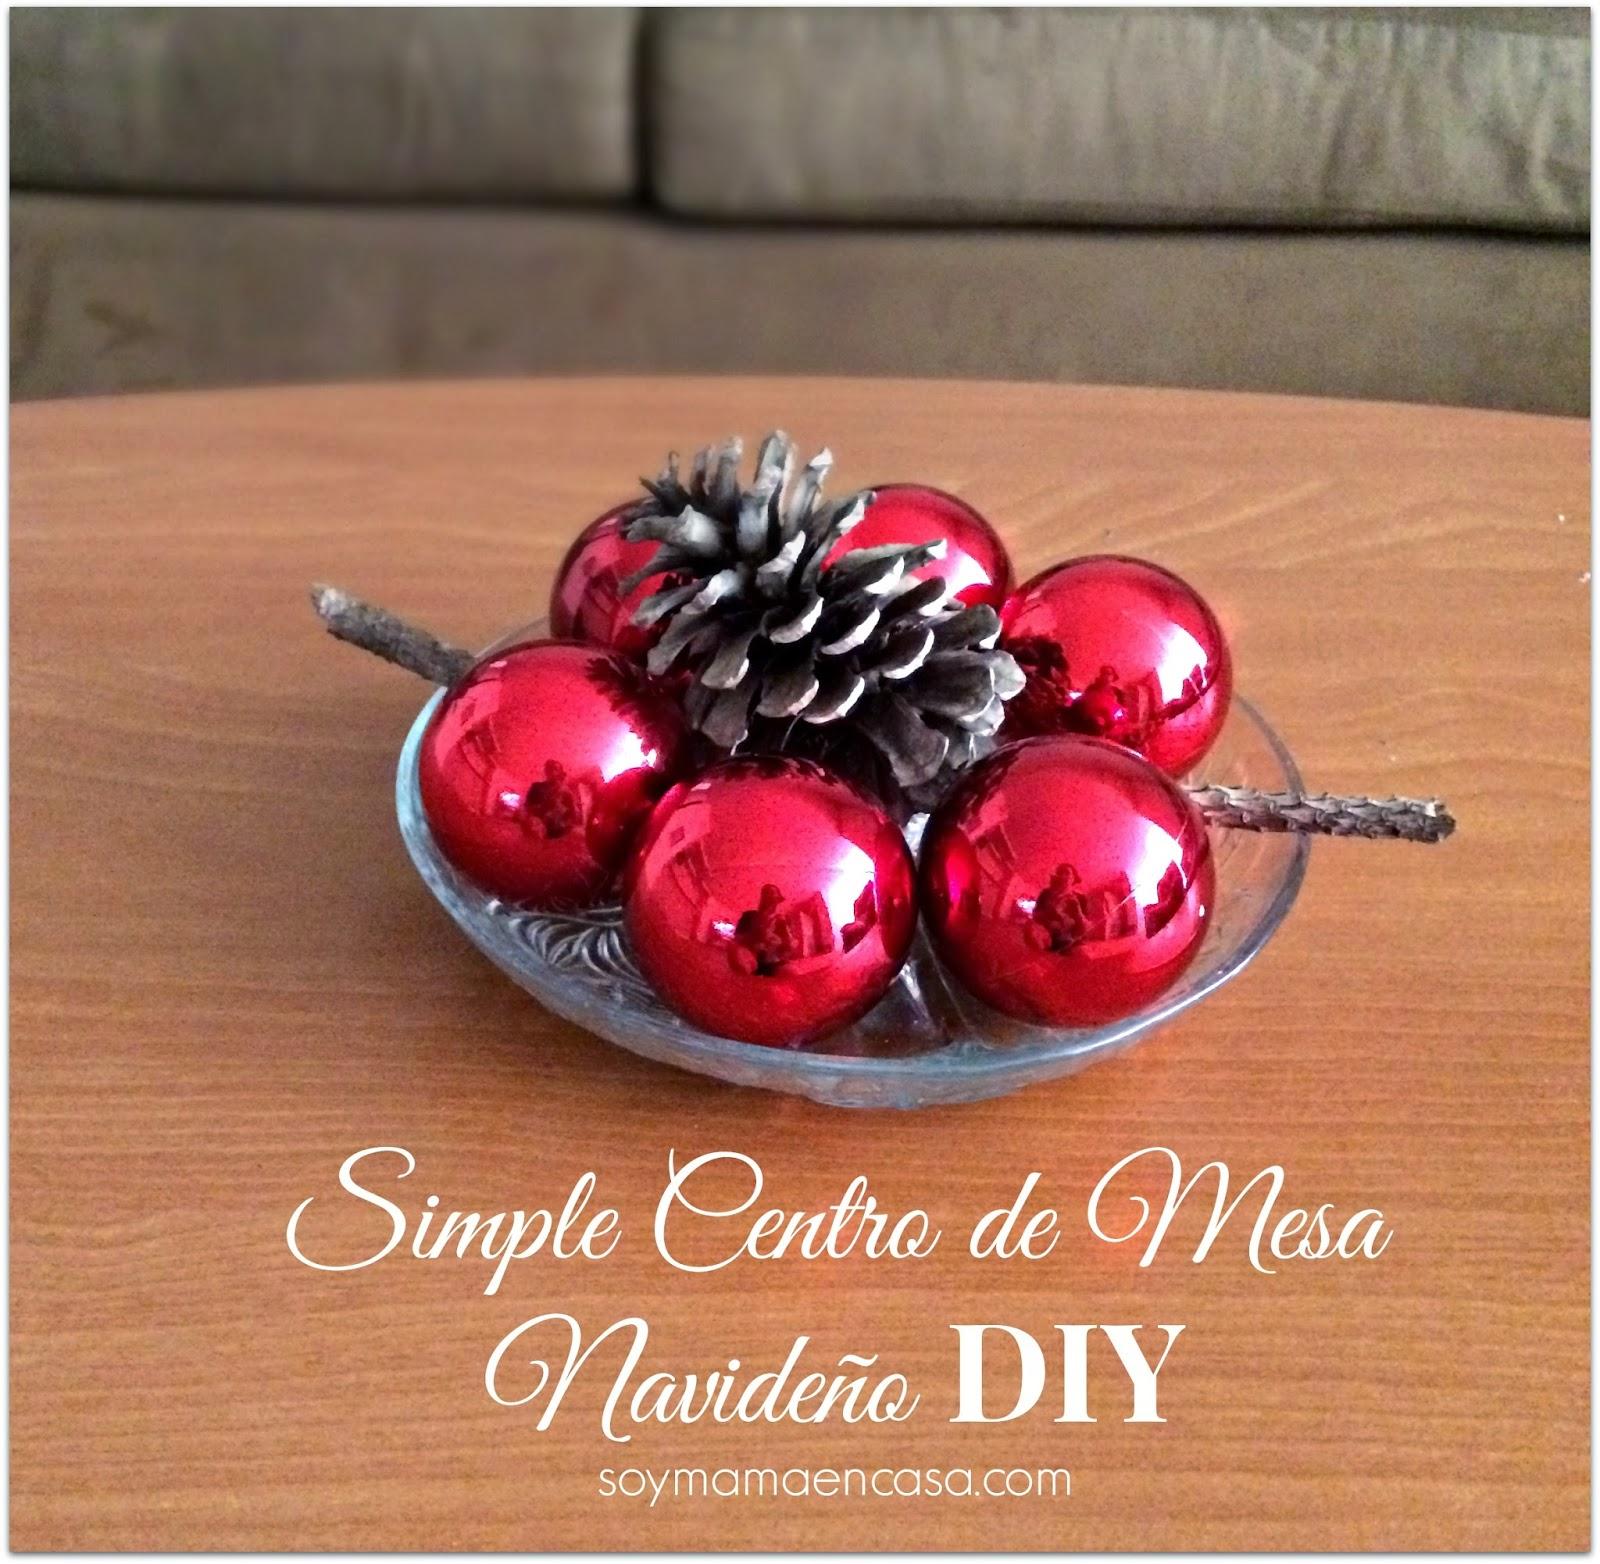 Centro de mesa navide o diy - Centros navidenos caseros ...